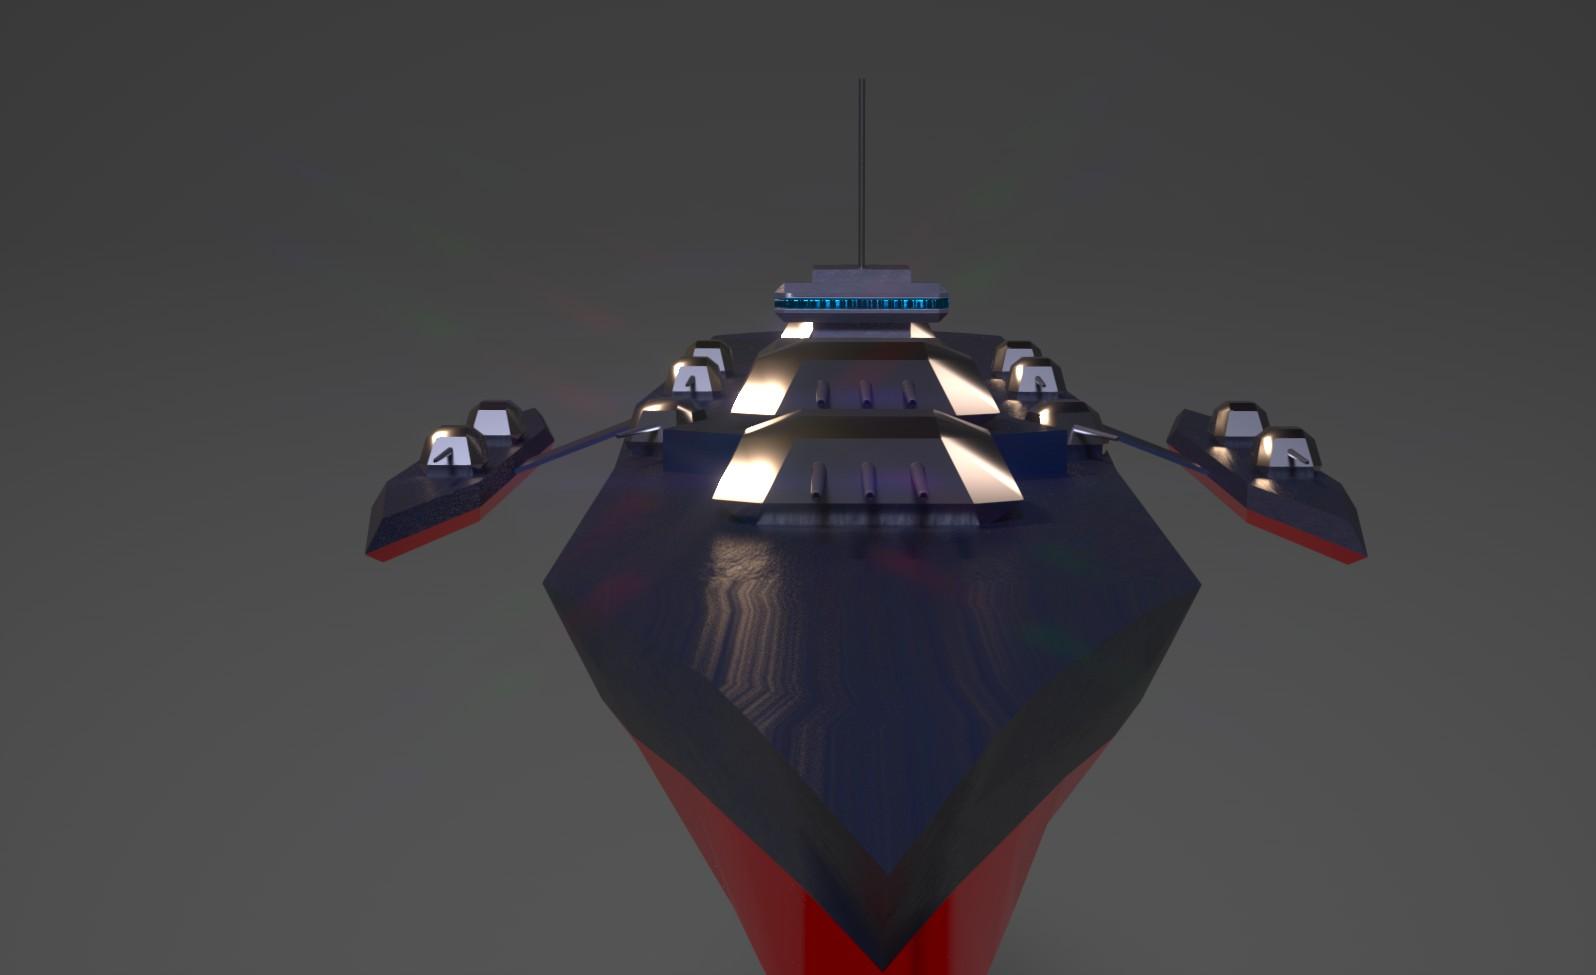 Kestral 3 by planetrix15